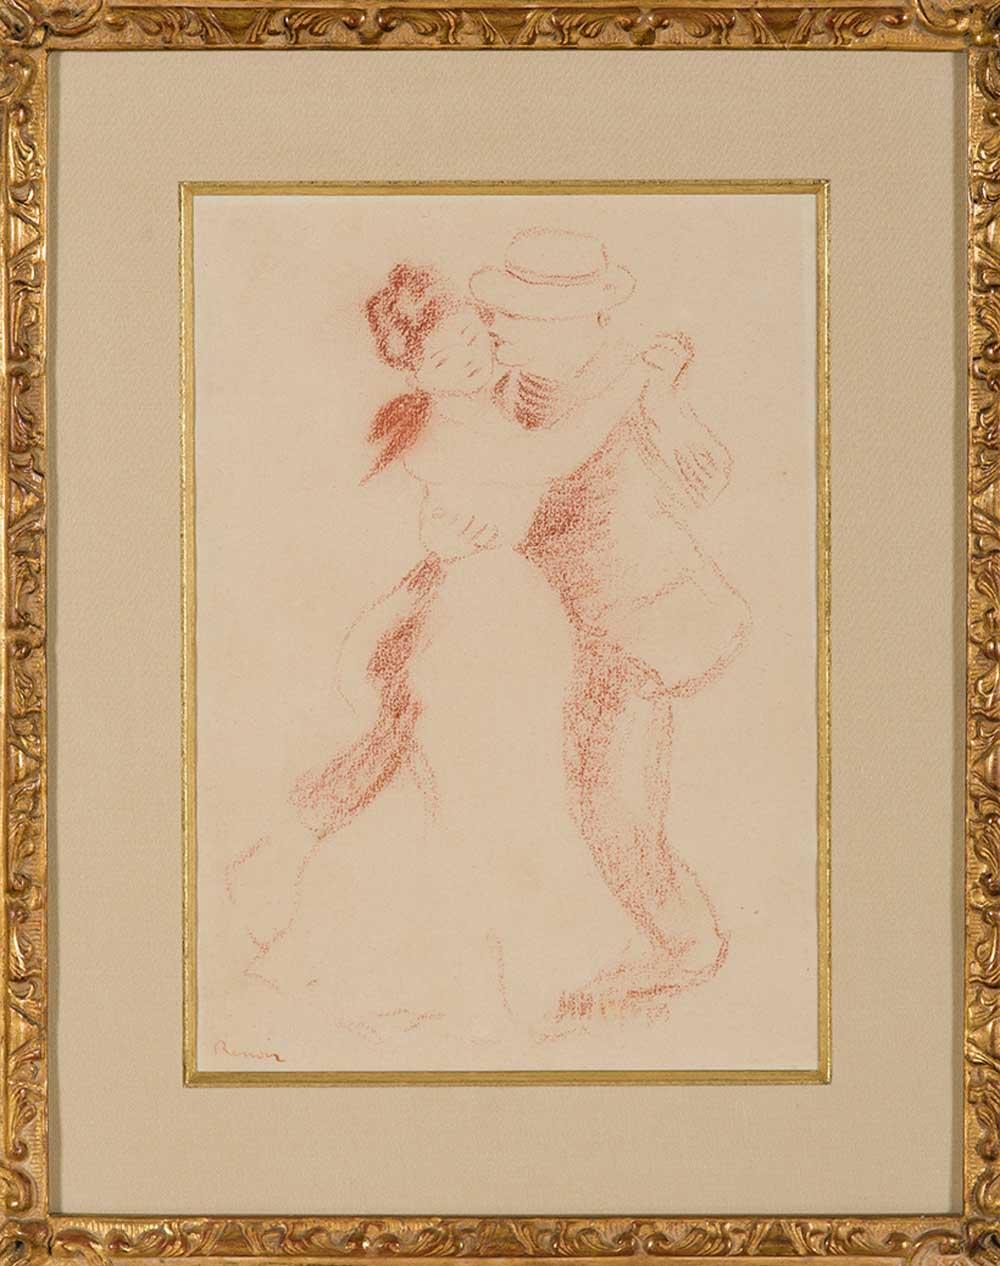 Auguste RENOIR | 37 x 45 cm